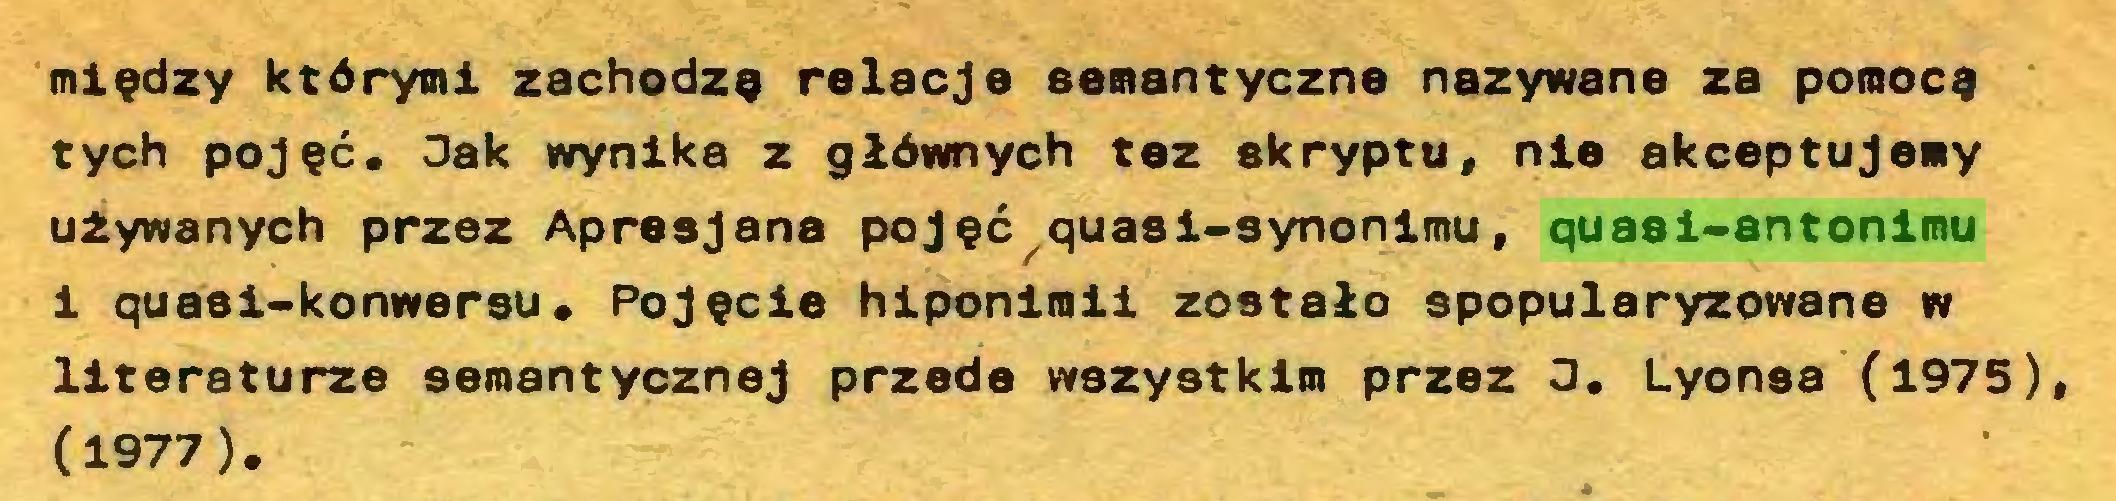 (...) między którymi zachodzę relacje semantyczne nazywane za pomocę tych pojęć. Jak wynika z głównych tez skryptu, nie akceptujemy używanych przez Apresjana pojęć quasi-synonimu, quasi-antonimu i quaei-konwersu. Pojęcie hiponimii zostało spopularyzowane w literaturze semantycznej przede wszystkim przez 3. Lyonsa (1975), (1977)...